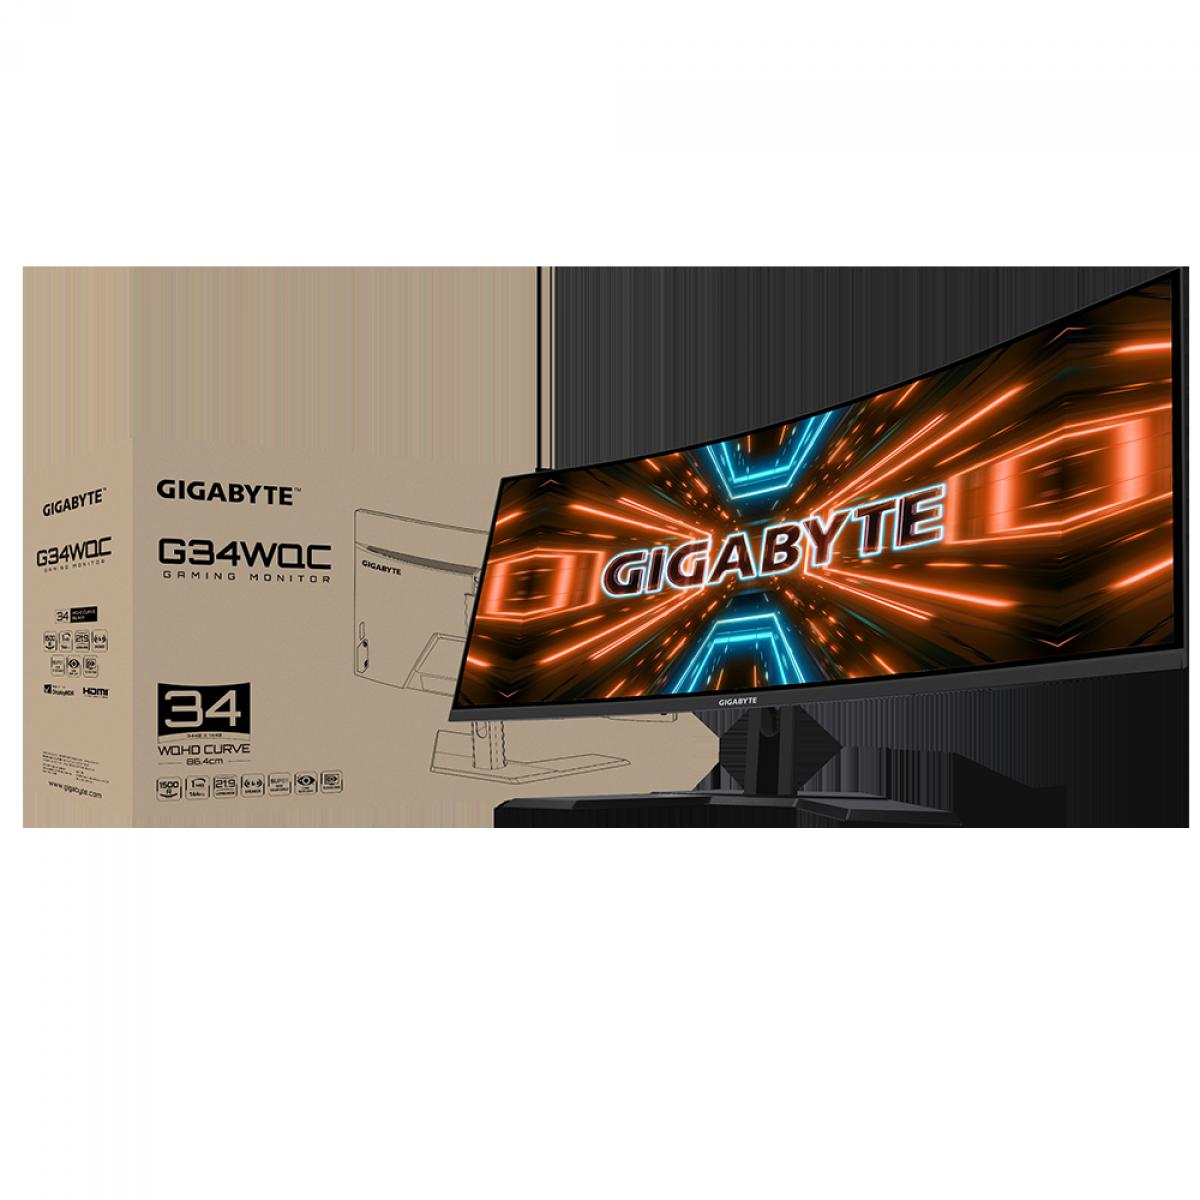 Monitor Gamer Gigabyte G34WQC, 34 Pol, WQHD, 144Hz, 1ms, VA, FreeSync, HDR, DP/HDMIx2, 20VM0-GG34WQCBI-1SAR